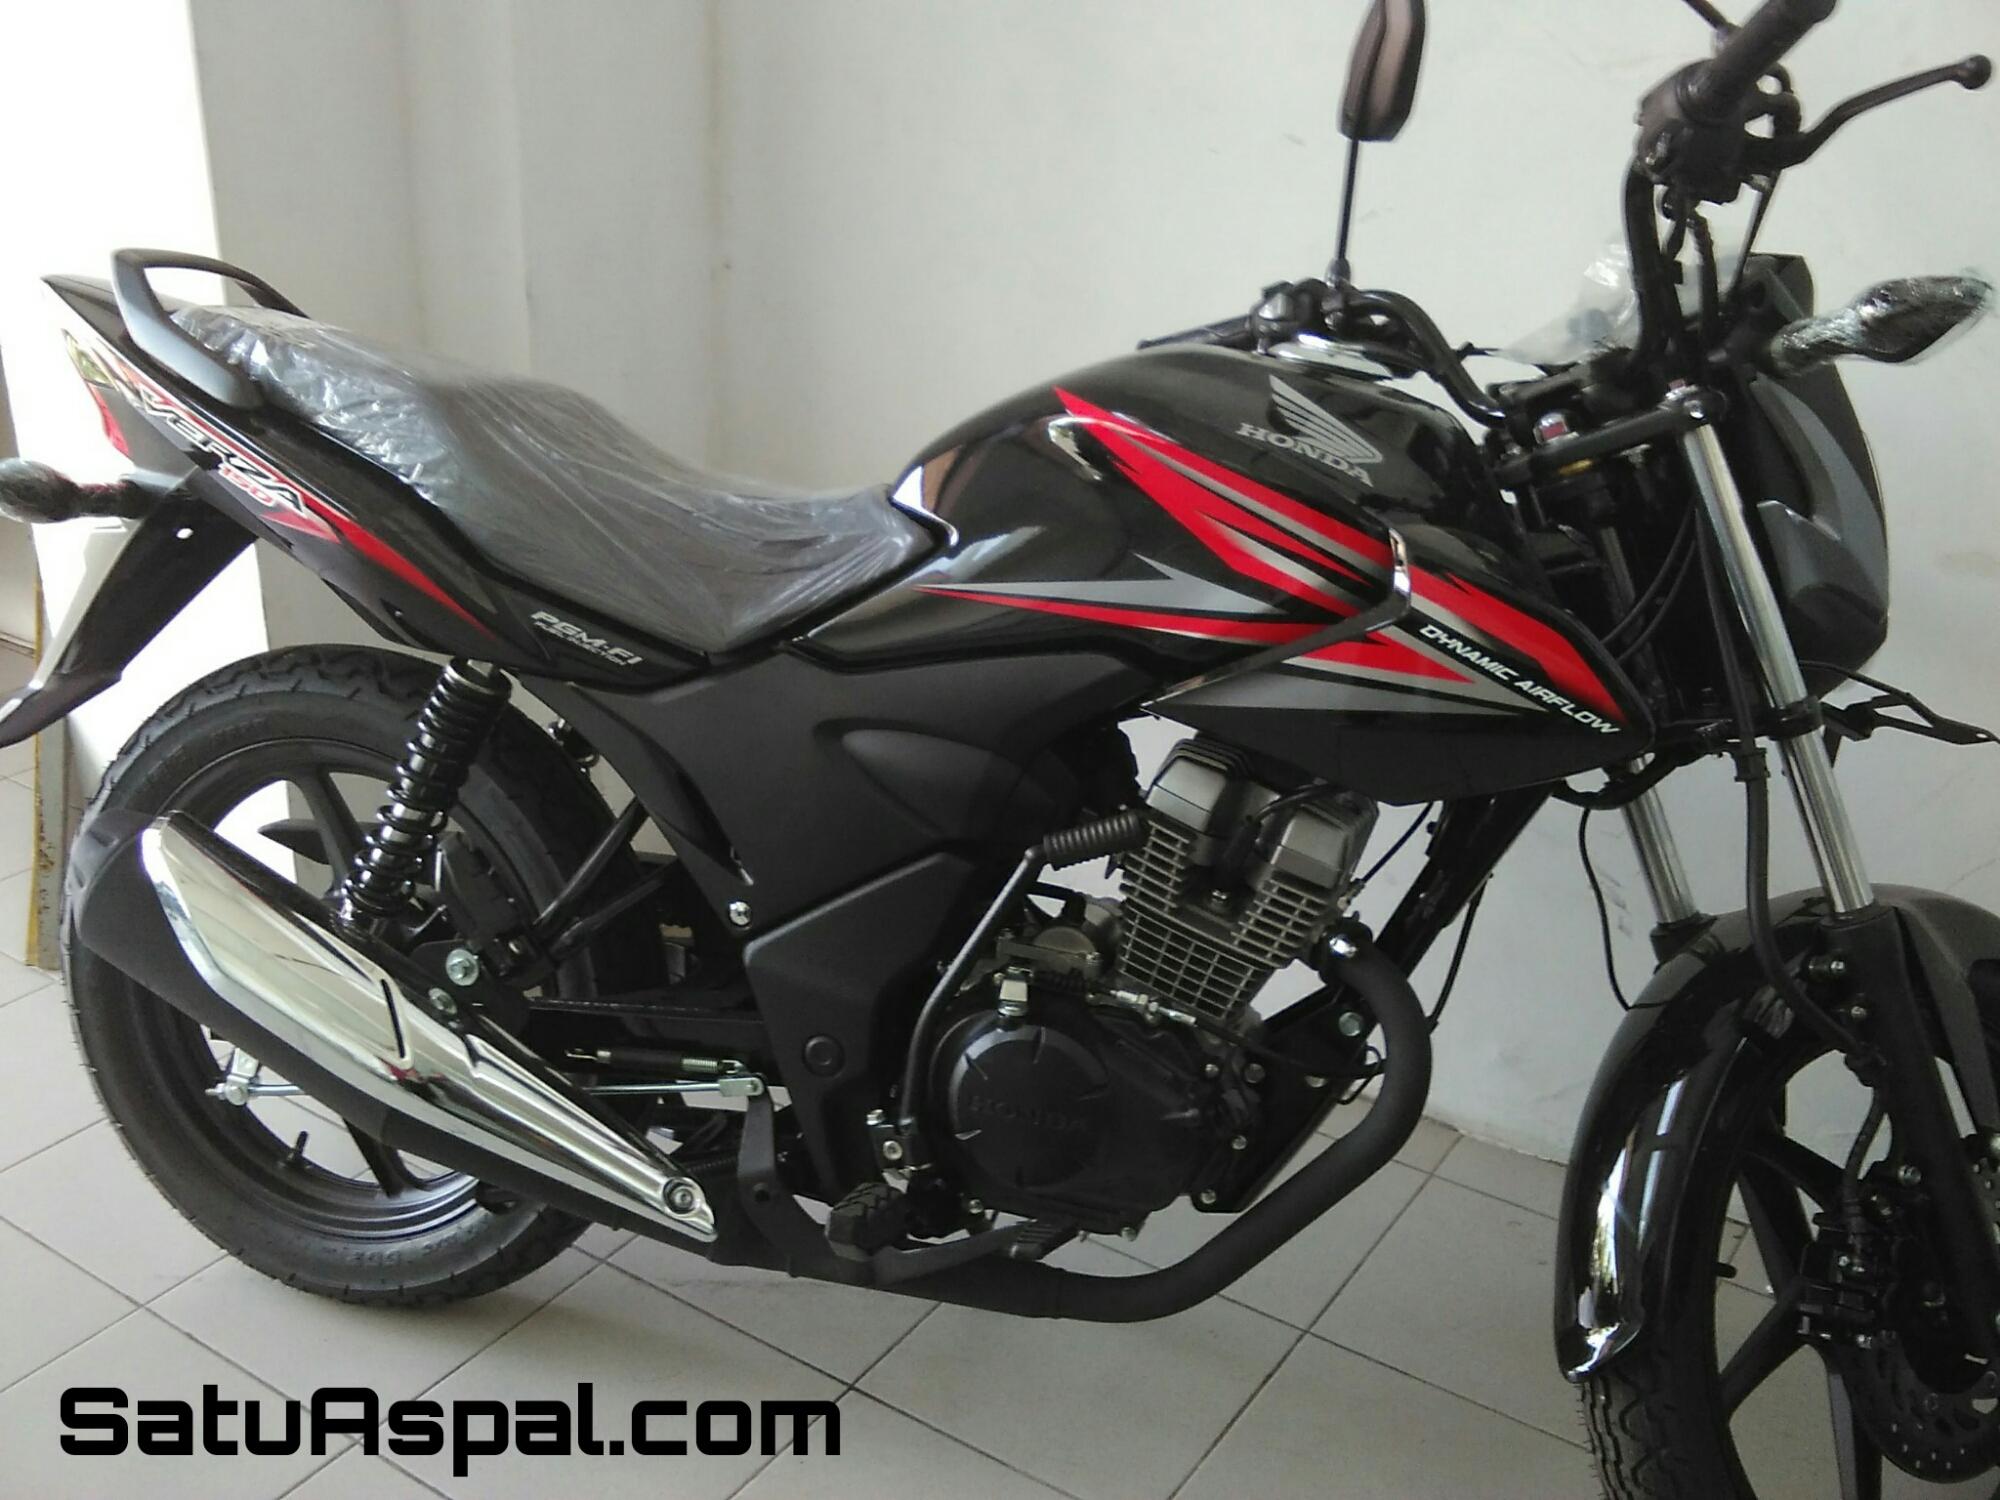 Top Modifikasi Motor Honda Verza 150 Cw Terbaru Modifikasi Motor